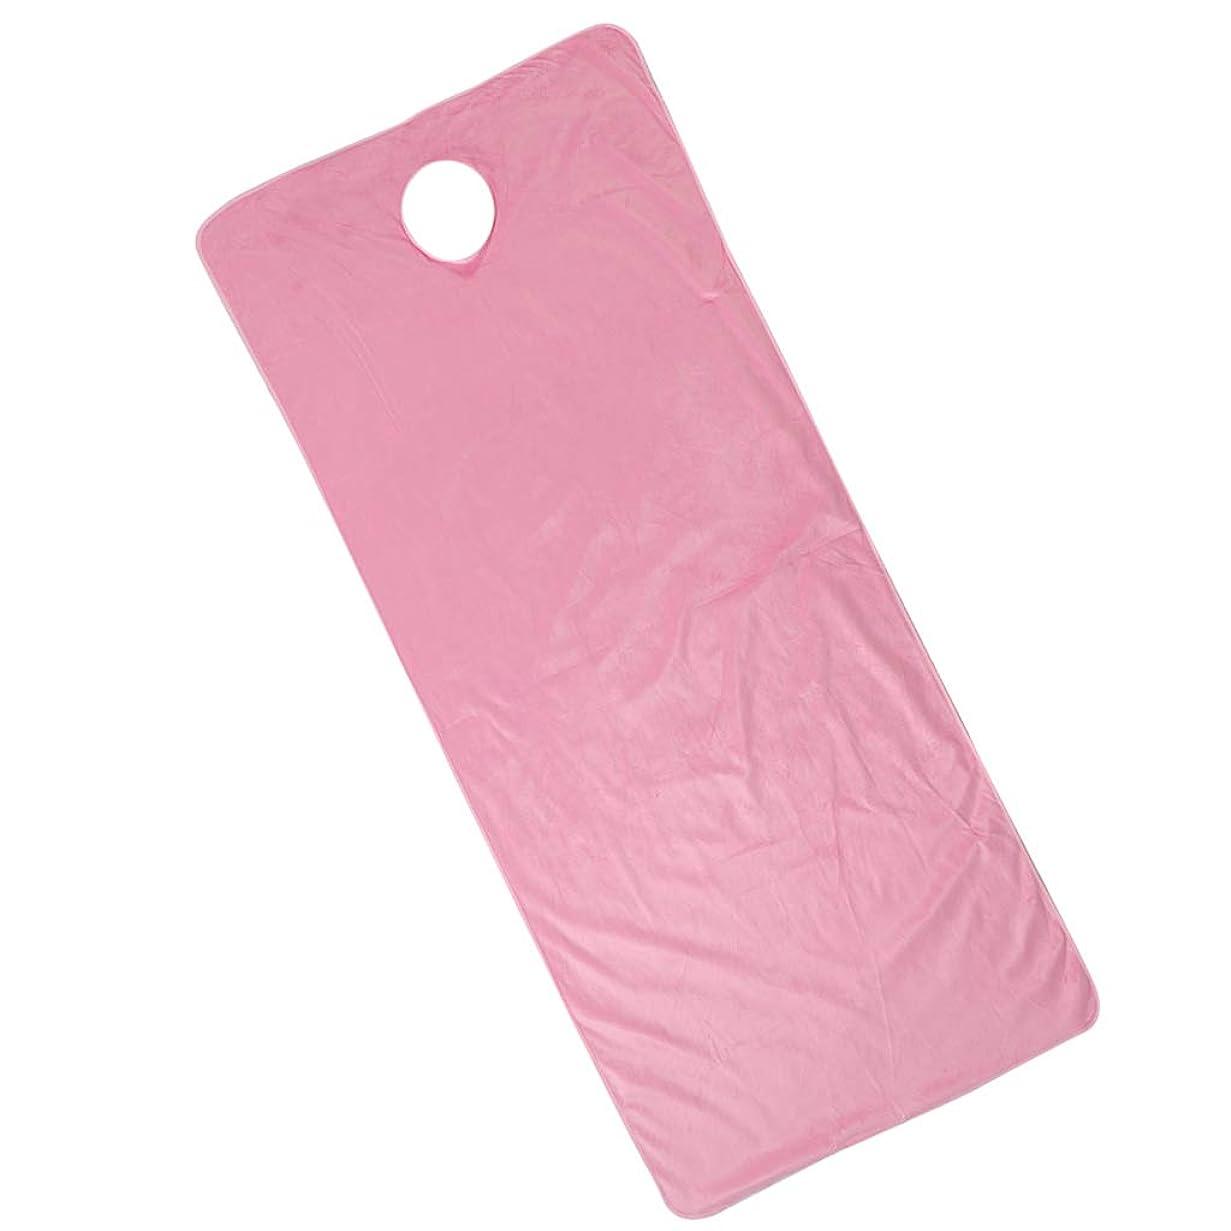 中庭モットー警報F Fityle 美容ベッドカバー 有孔 スパ マッサージベッドカバー ピンク